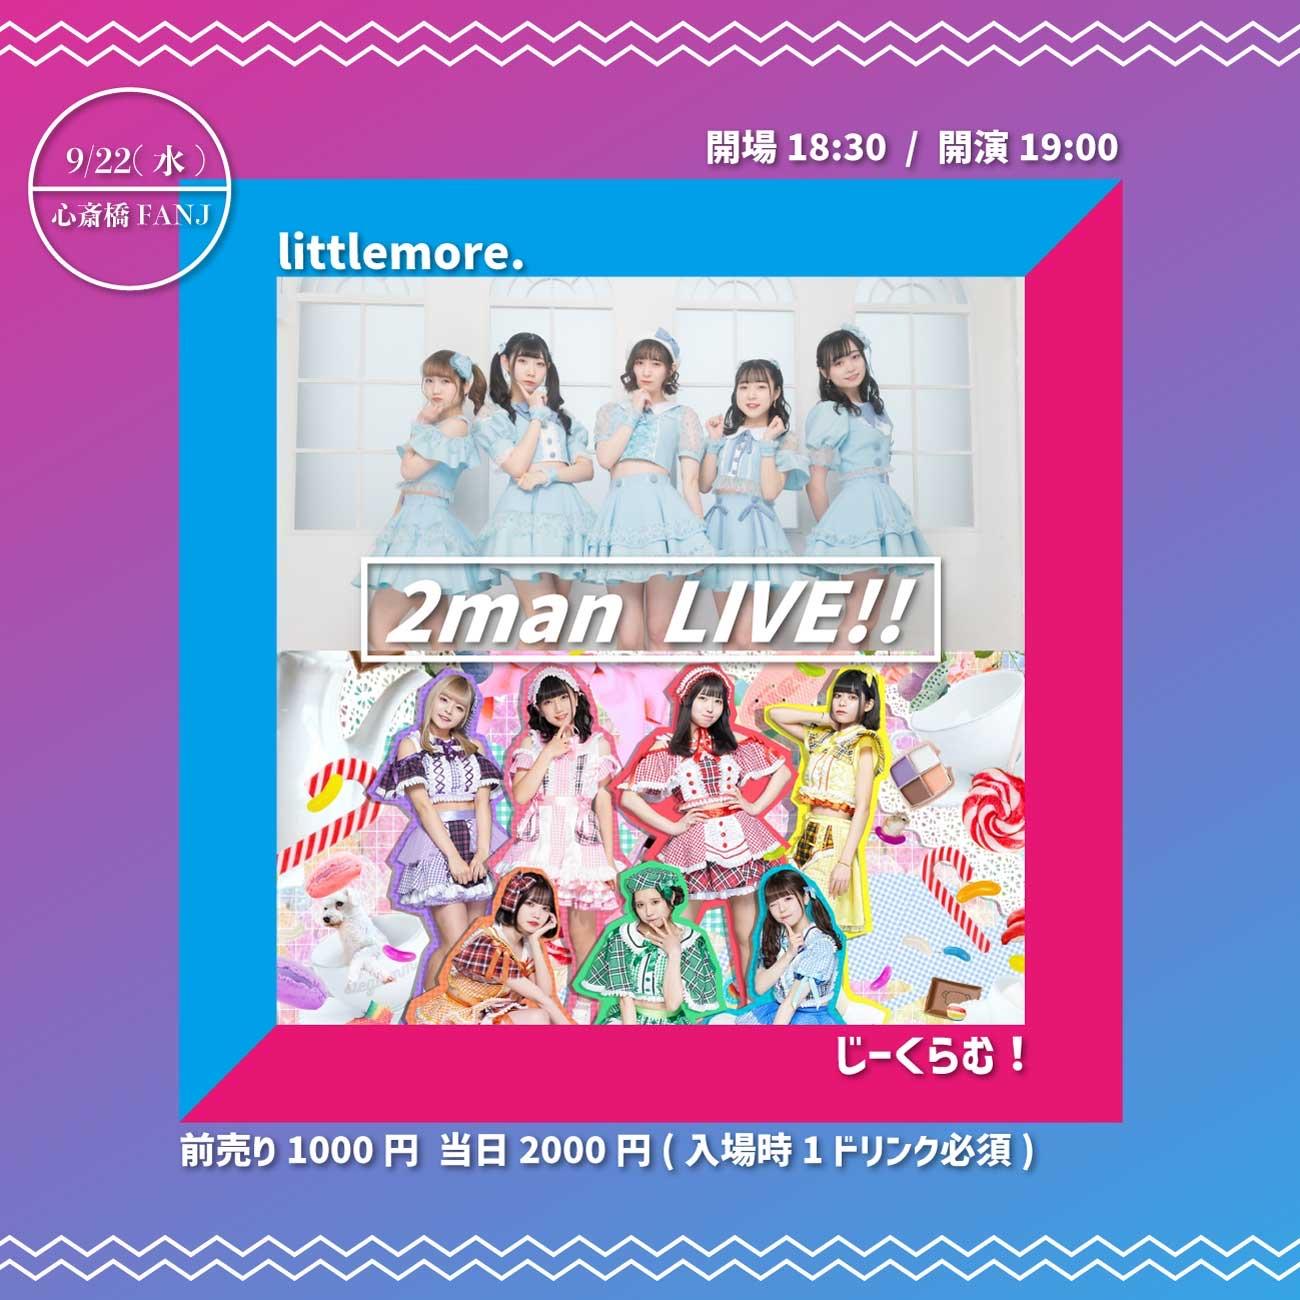 9/22(水) littlemore. × じーくらむ! 2man Live!!